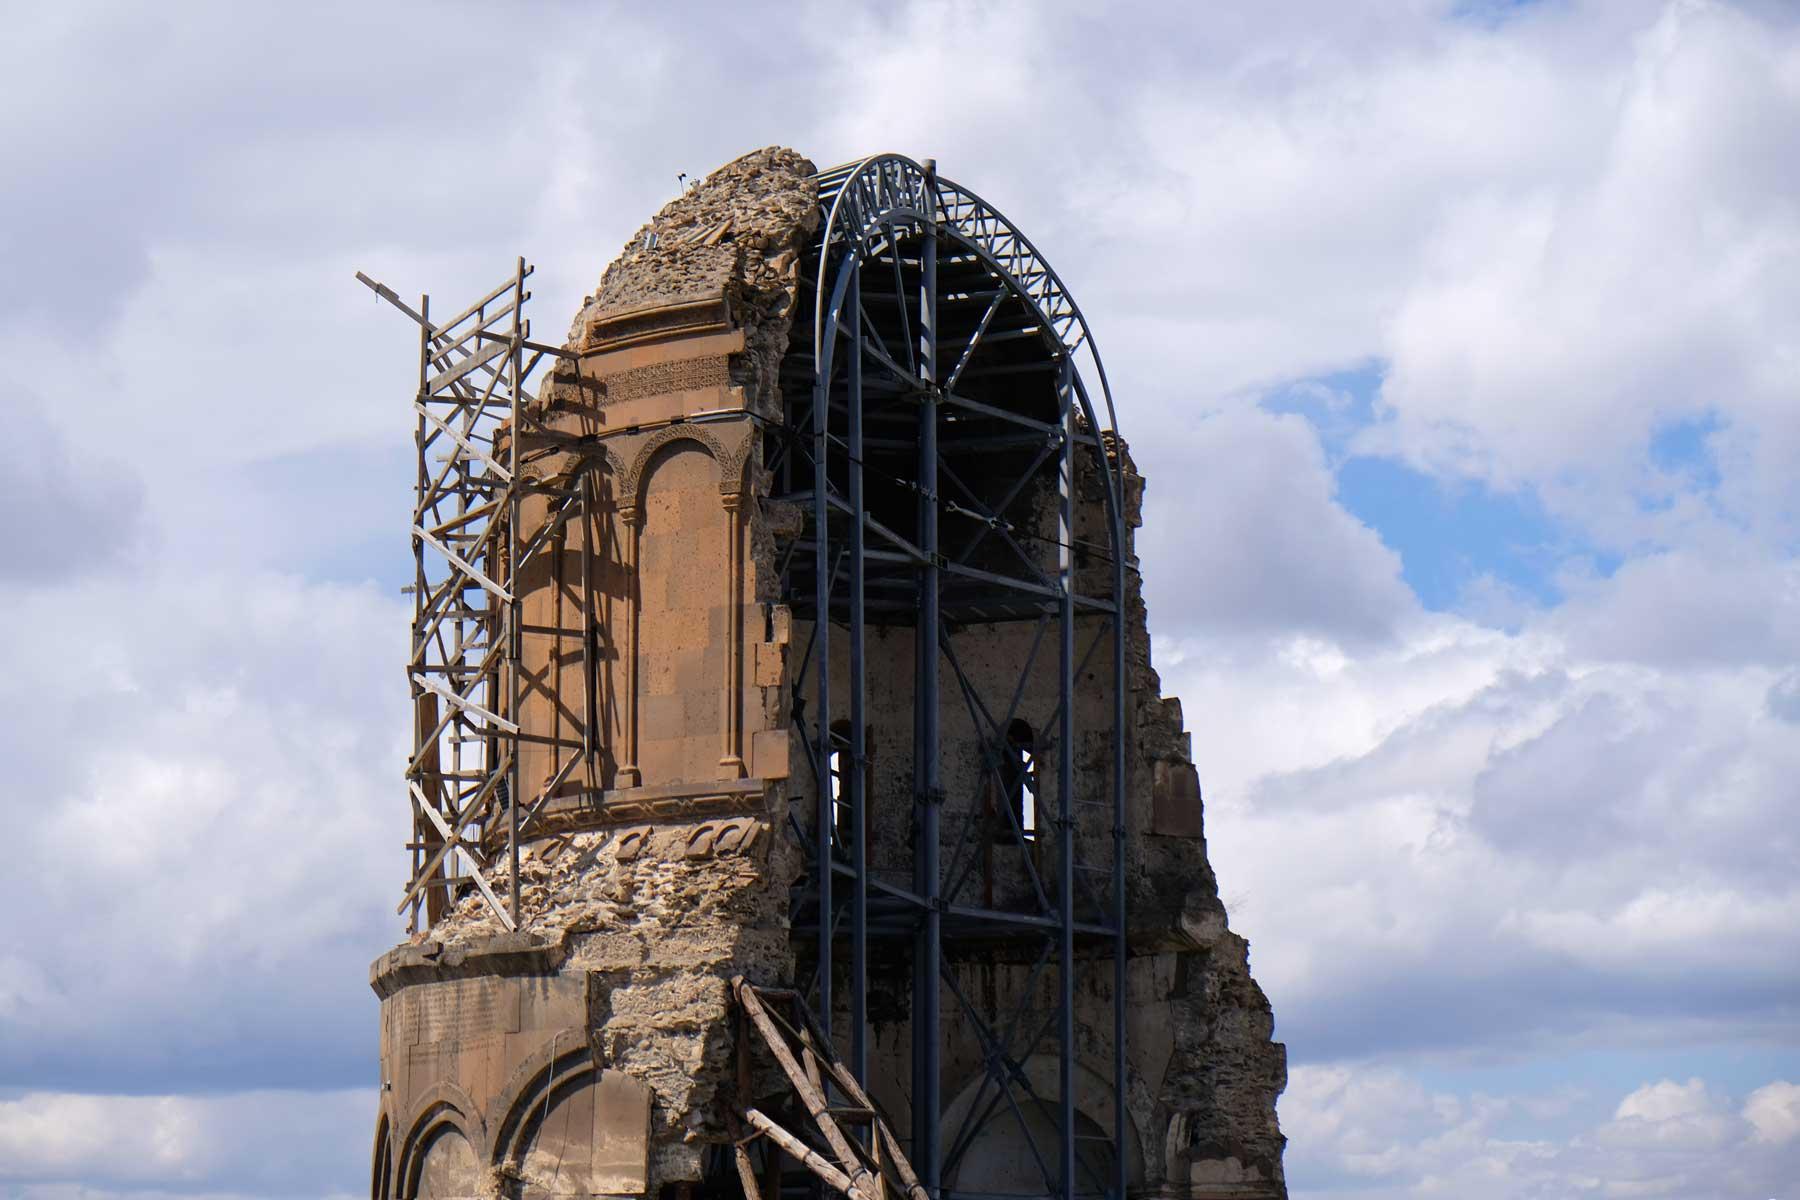 Die Kirche ist nur noch zur Hälfte erhalten und kann nur aus der Ferne besichtigt werden